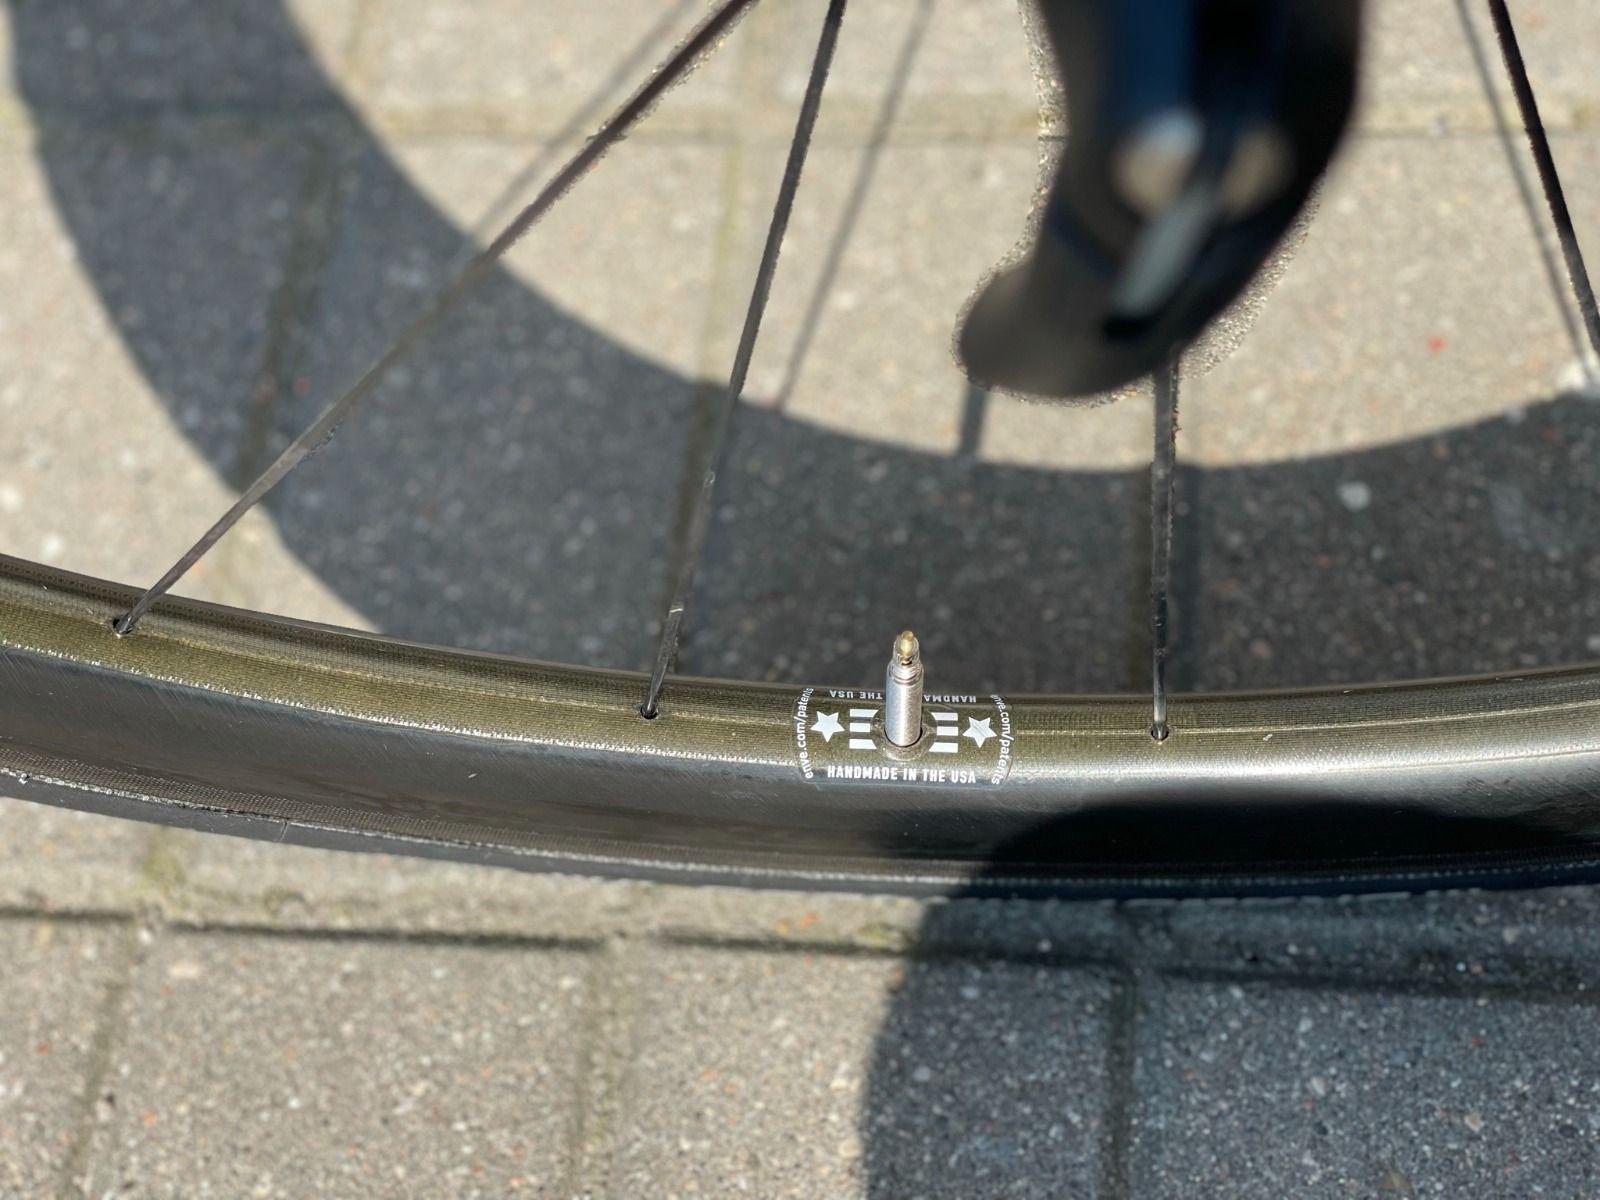 Колеса ENVE 3.4 (клинчер и TLR бескамерные), хабы DT Swiss 240. в идеале.